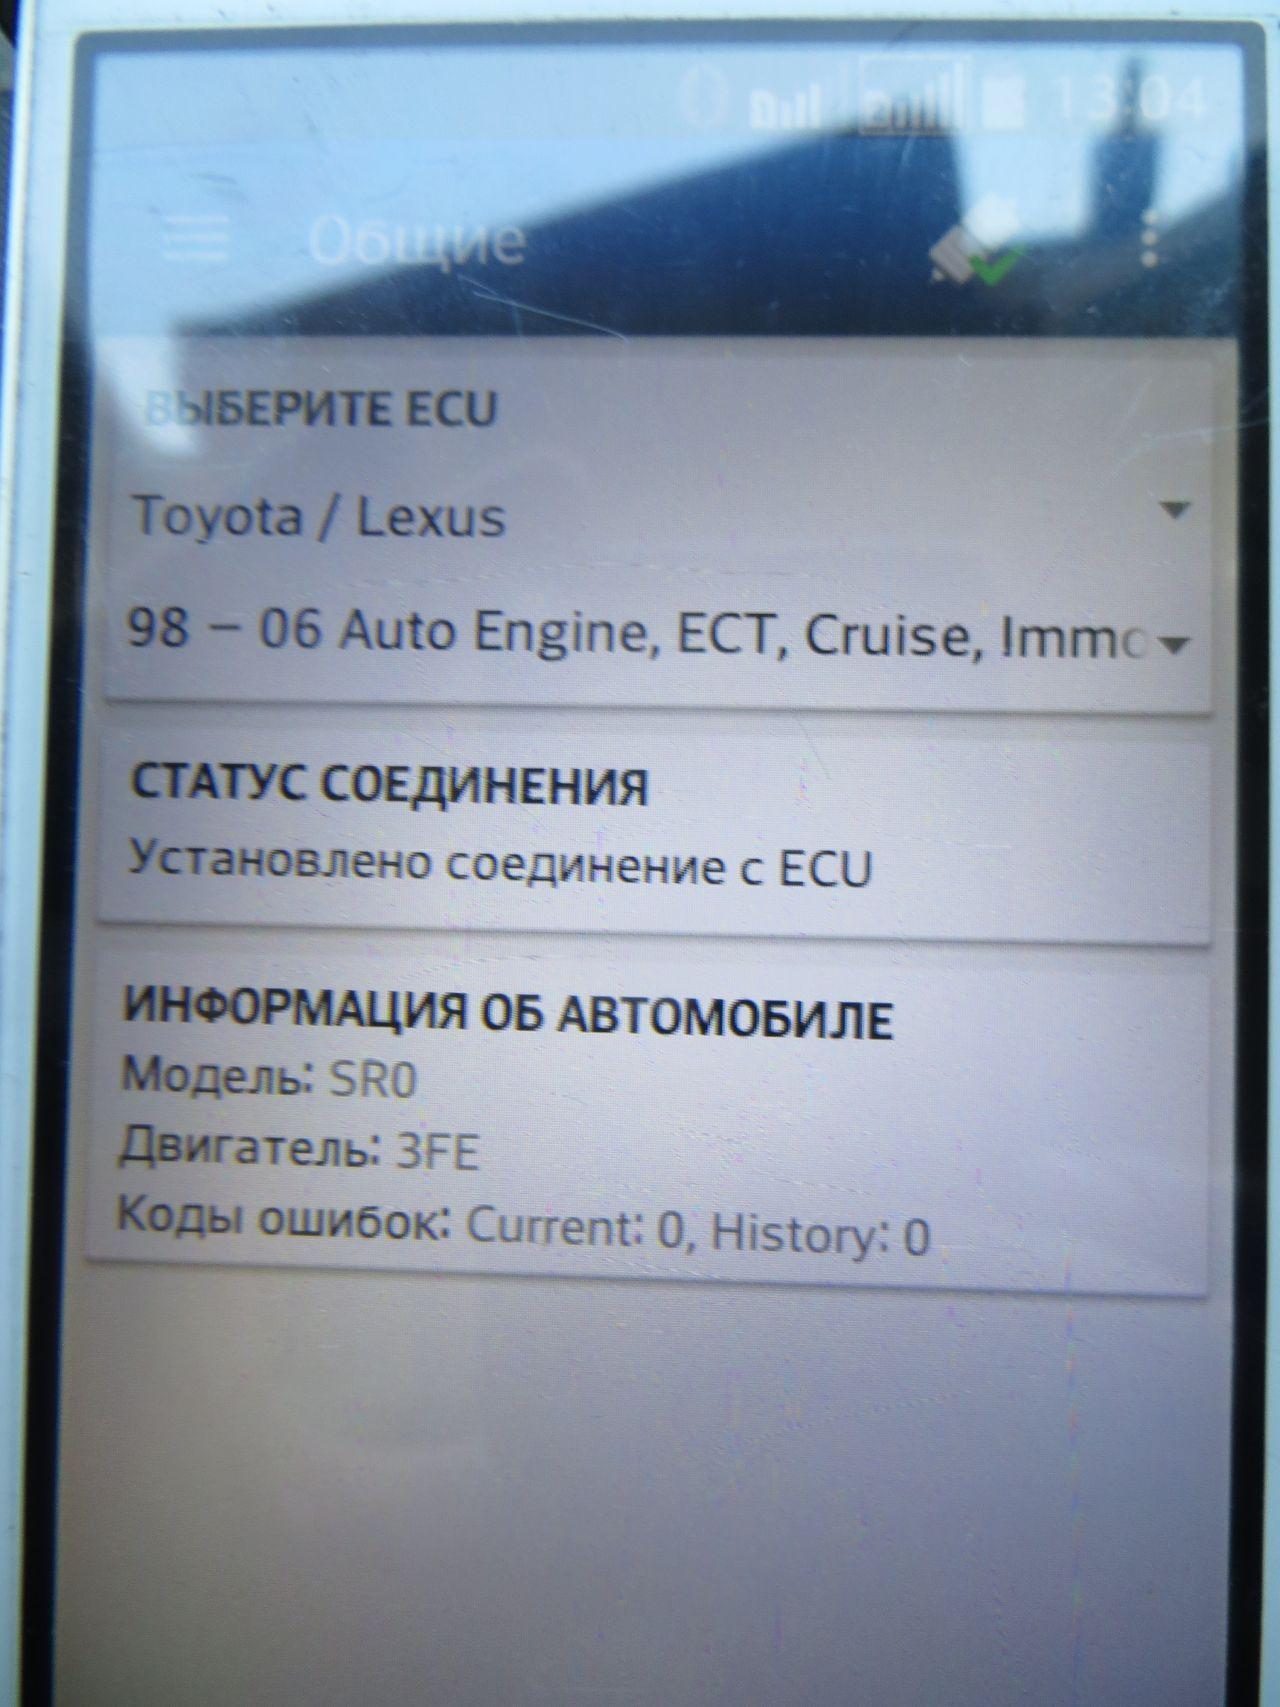 Так выглядит программа на смартфоне при соединении с передатчиком.